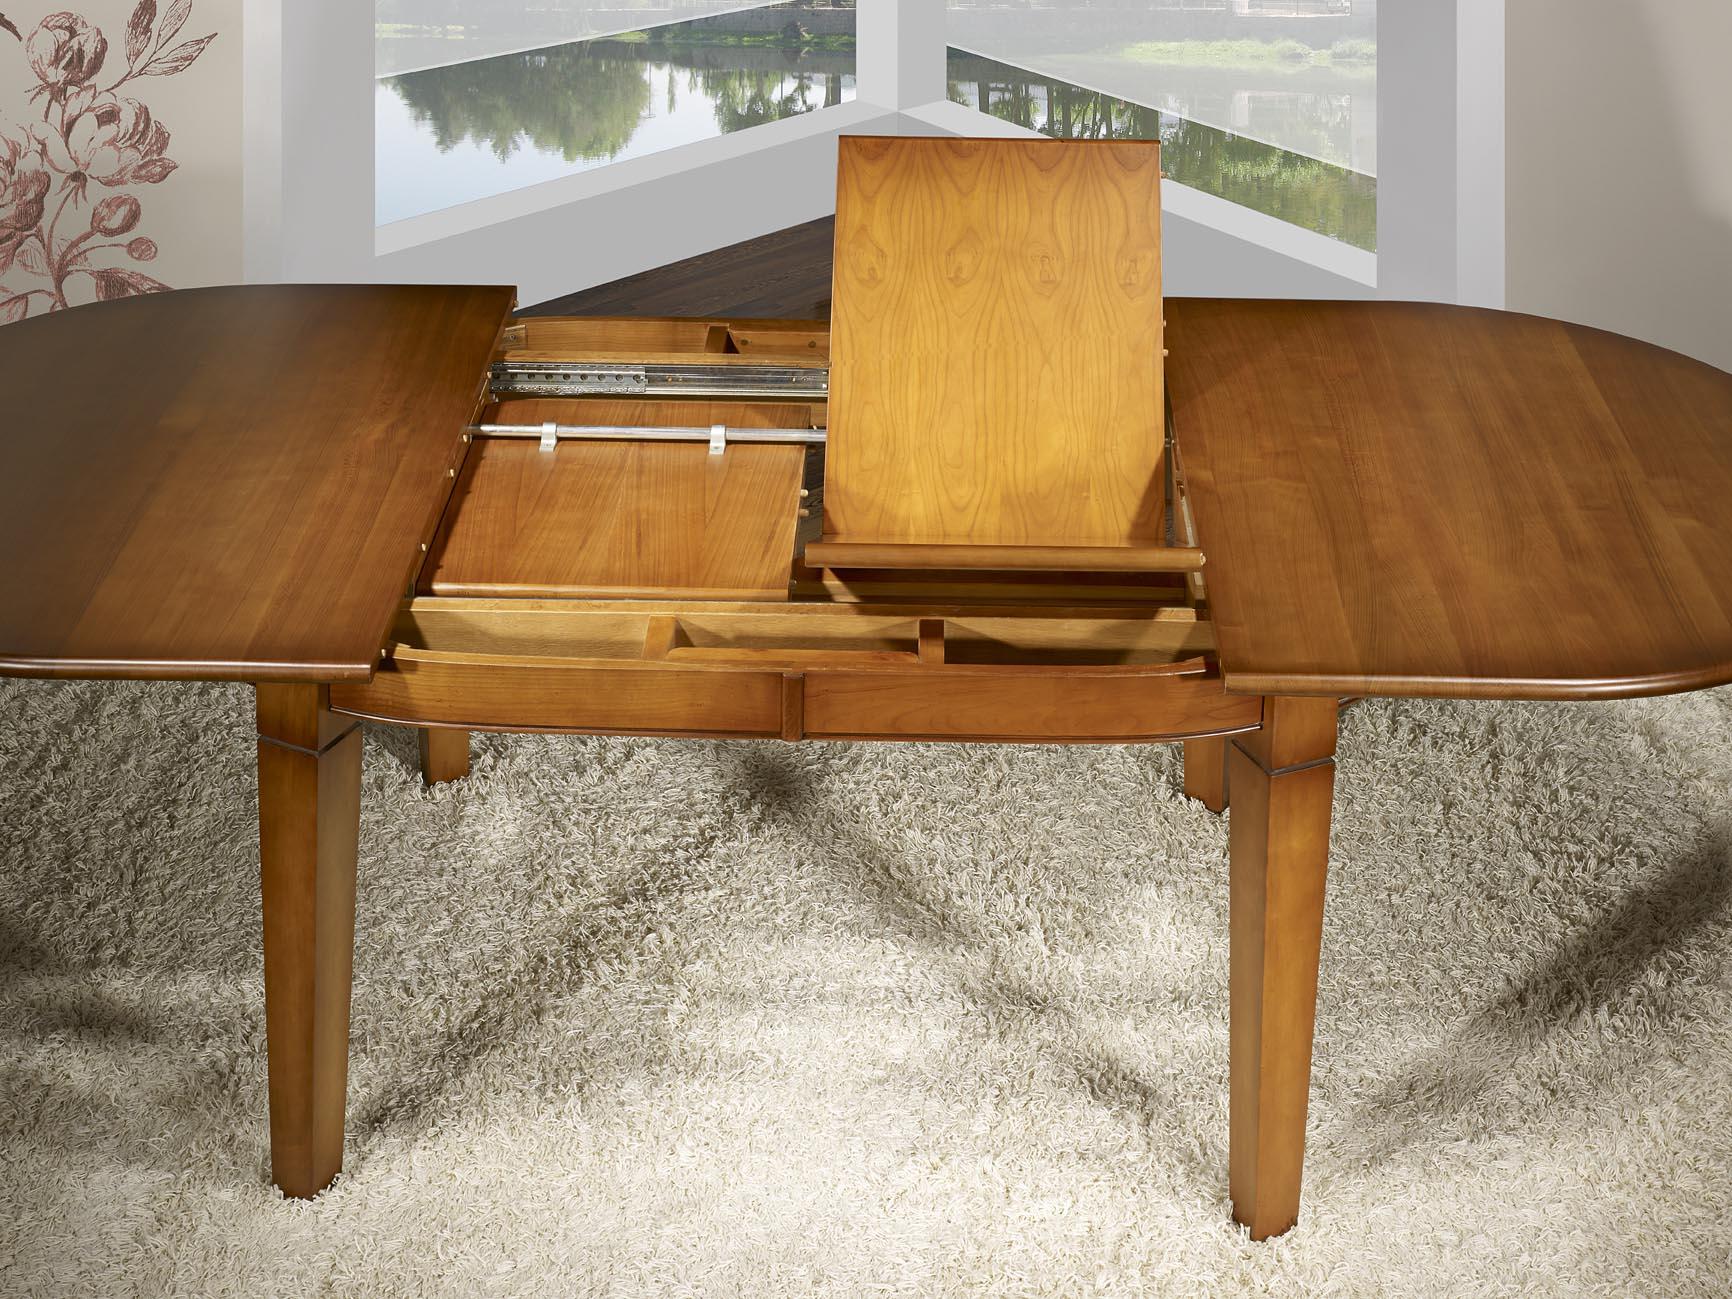 Table Ovale 180x110 Realisee En Merisier De Style Campagne 4